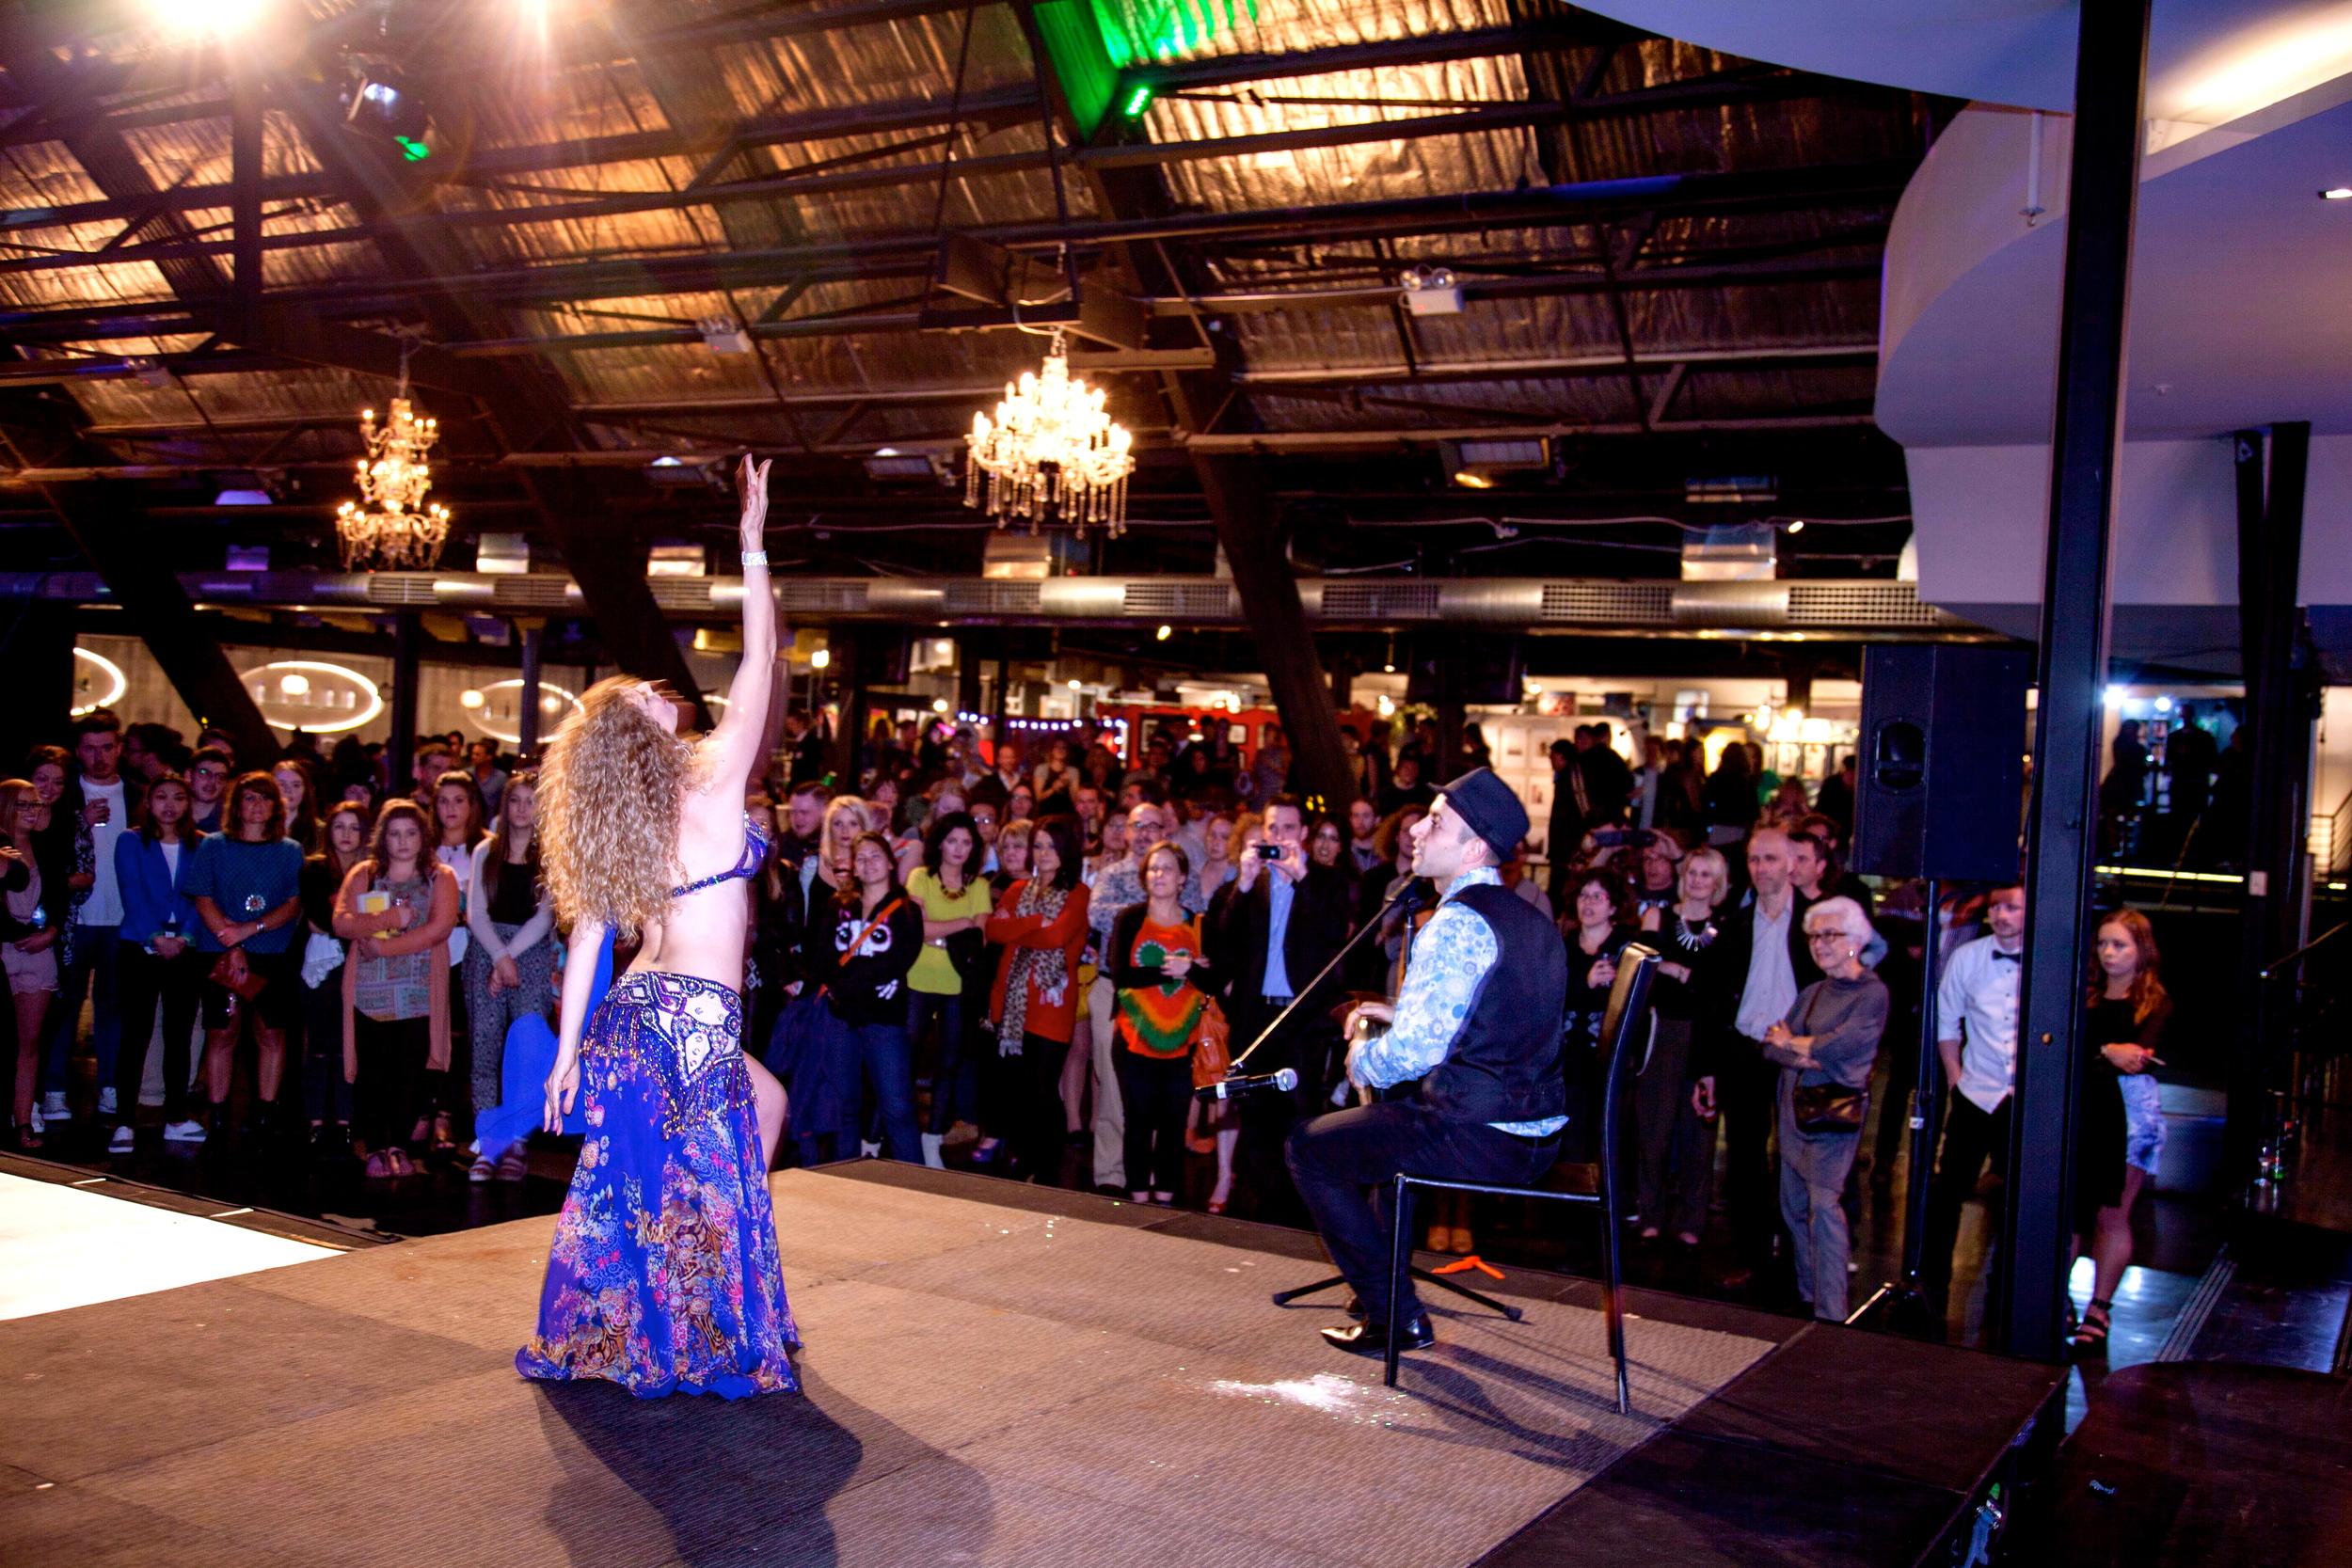 belly dance melbourne, Bellydance melbourne, middle eastern drummer Melbourne, darbouka drummer, belly dancing Melbourne